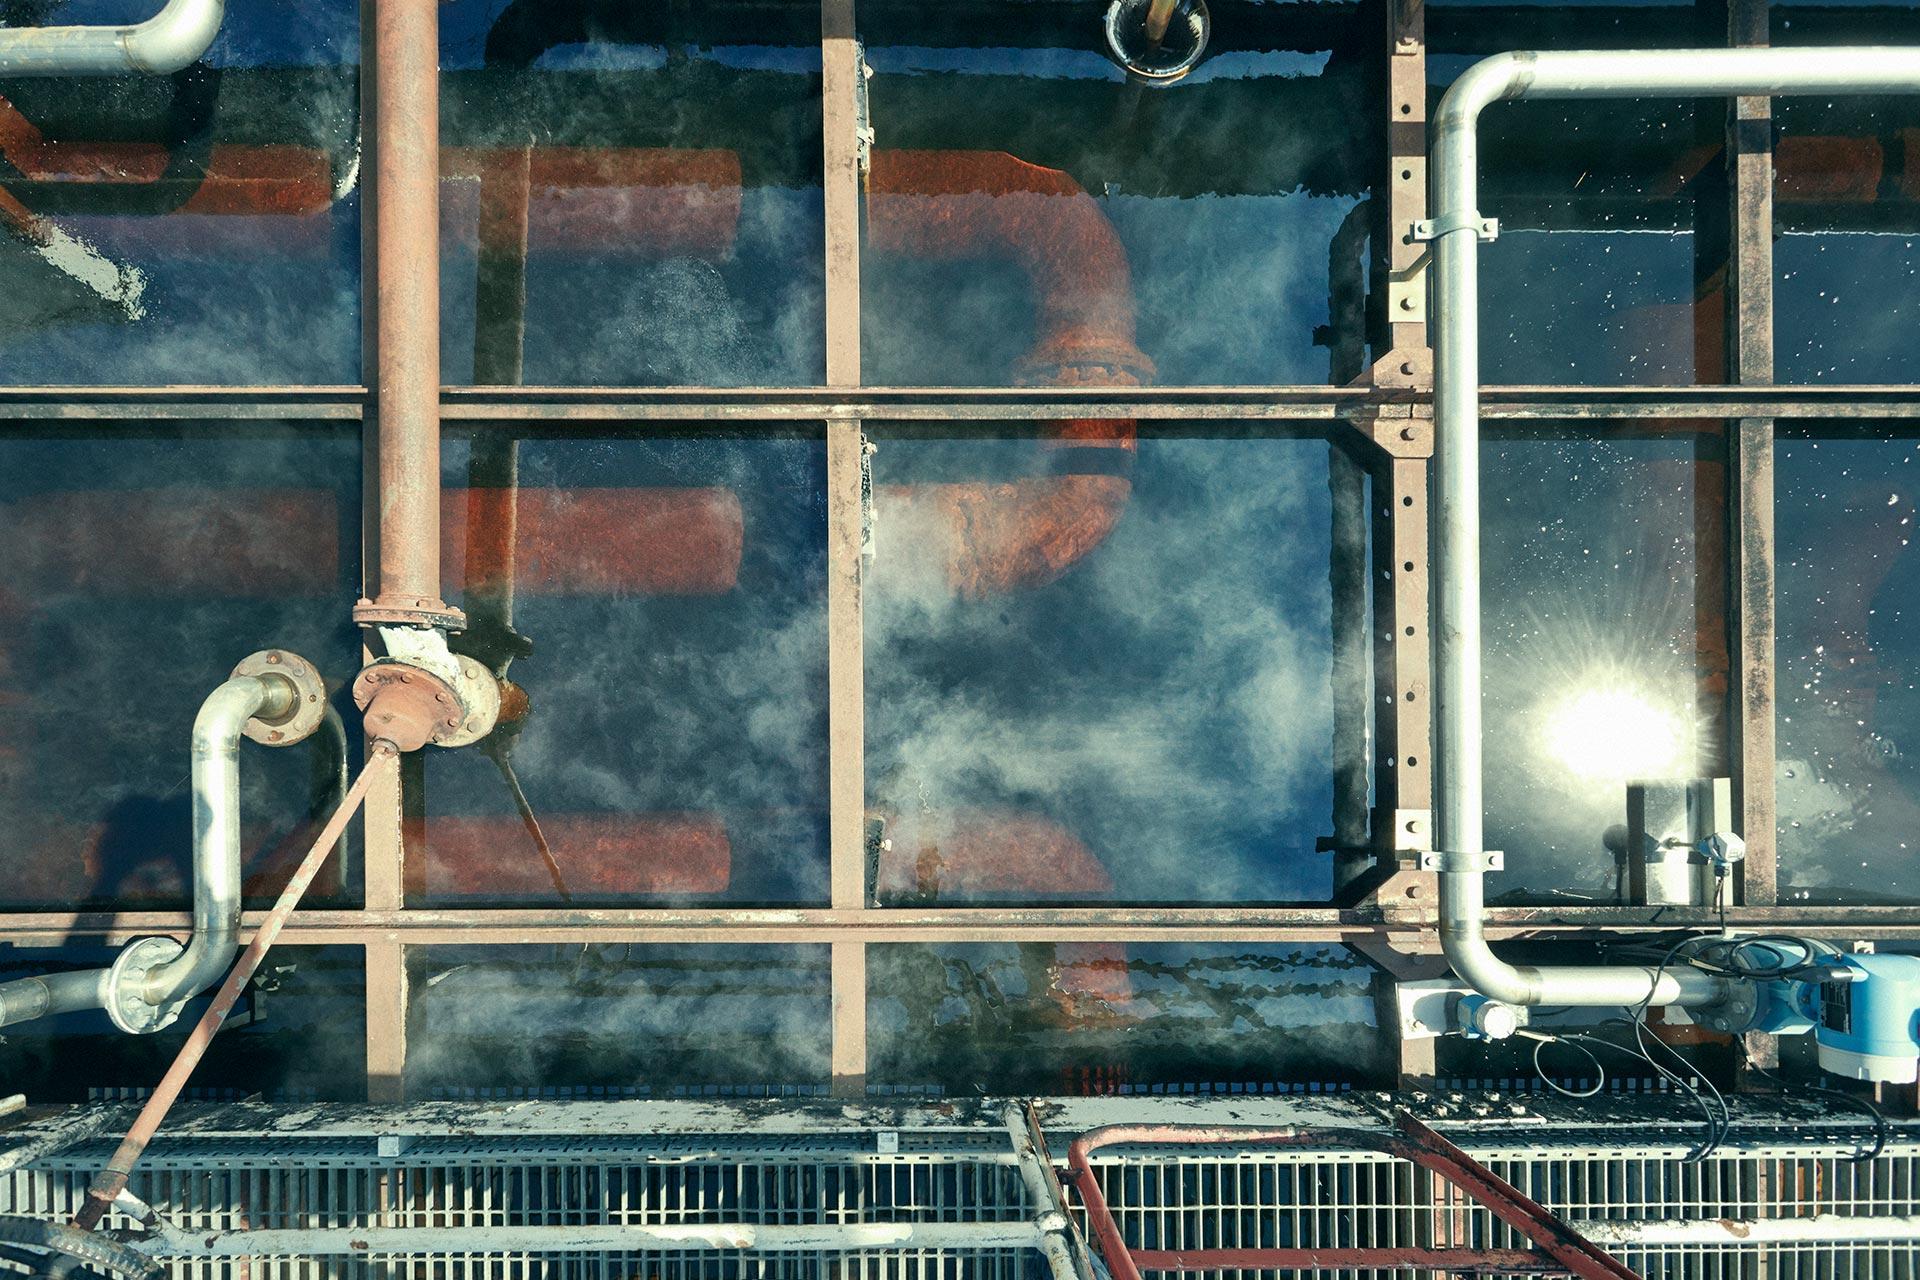 Die Worm Tubs verlaufen durch ein Wasserbecken und kühlen den New Make auf althergebrachte Weise (Foto: Hersteller)